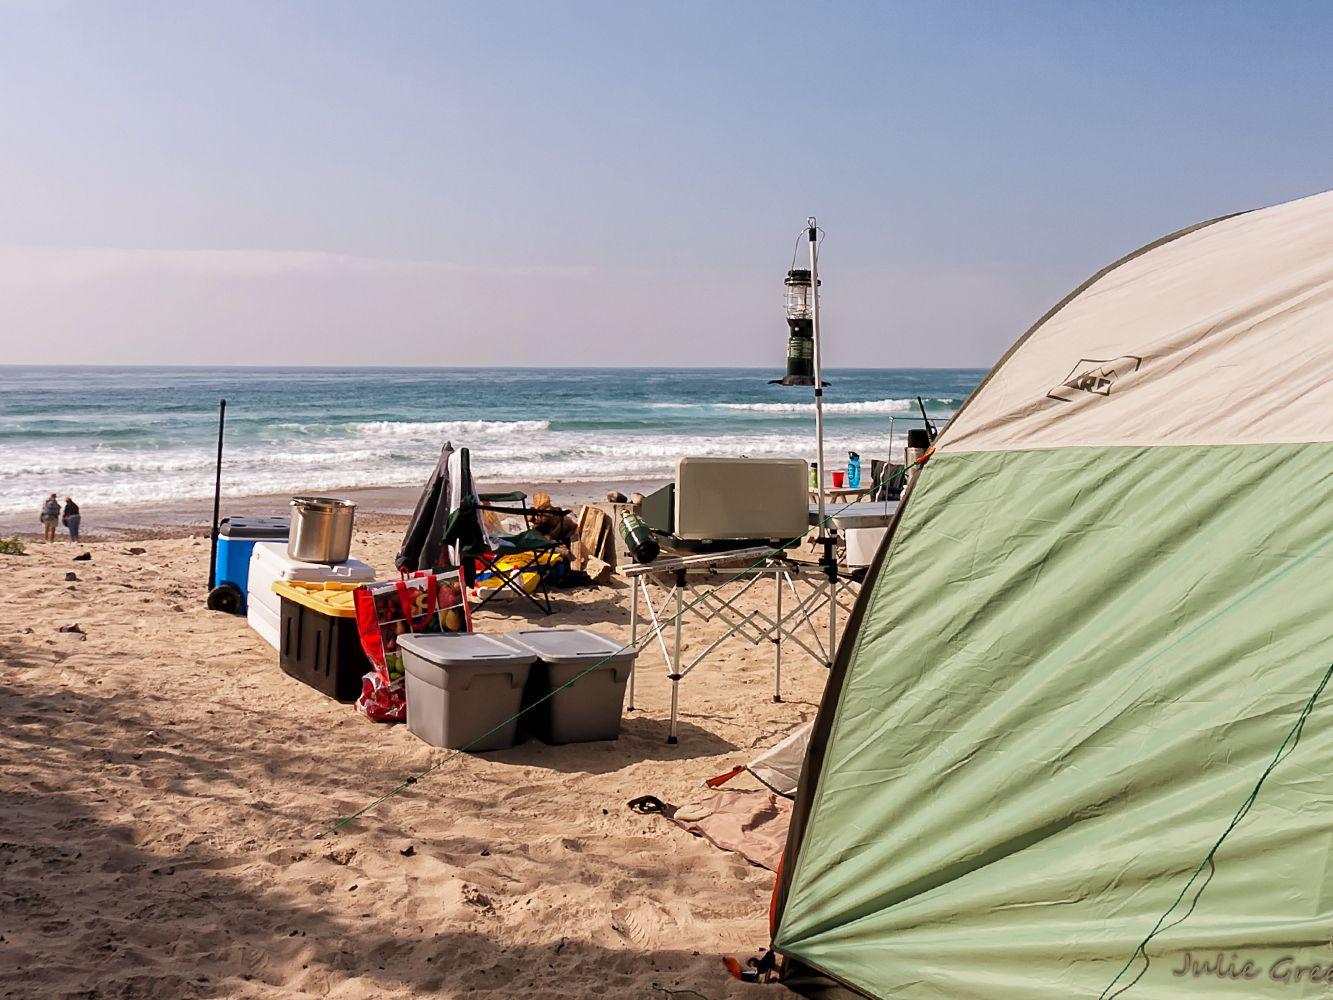 Full hookup camping california coast